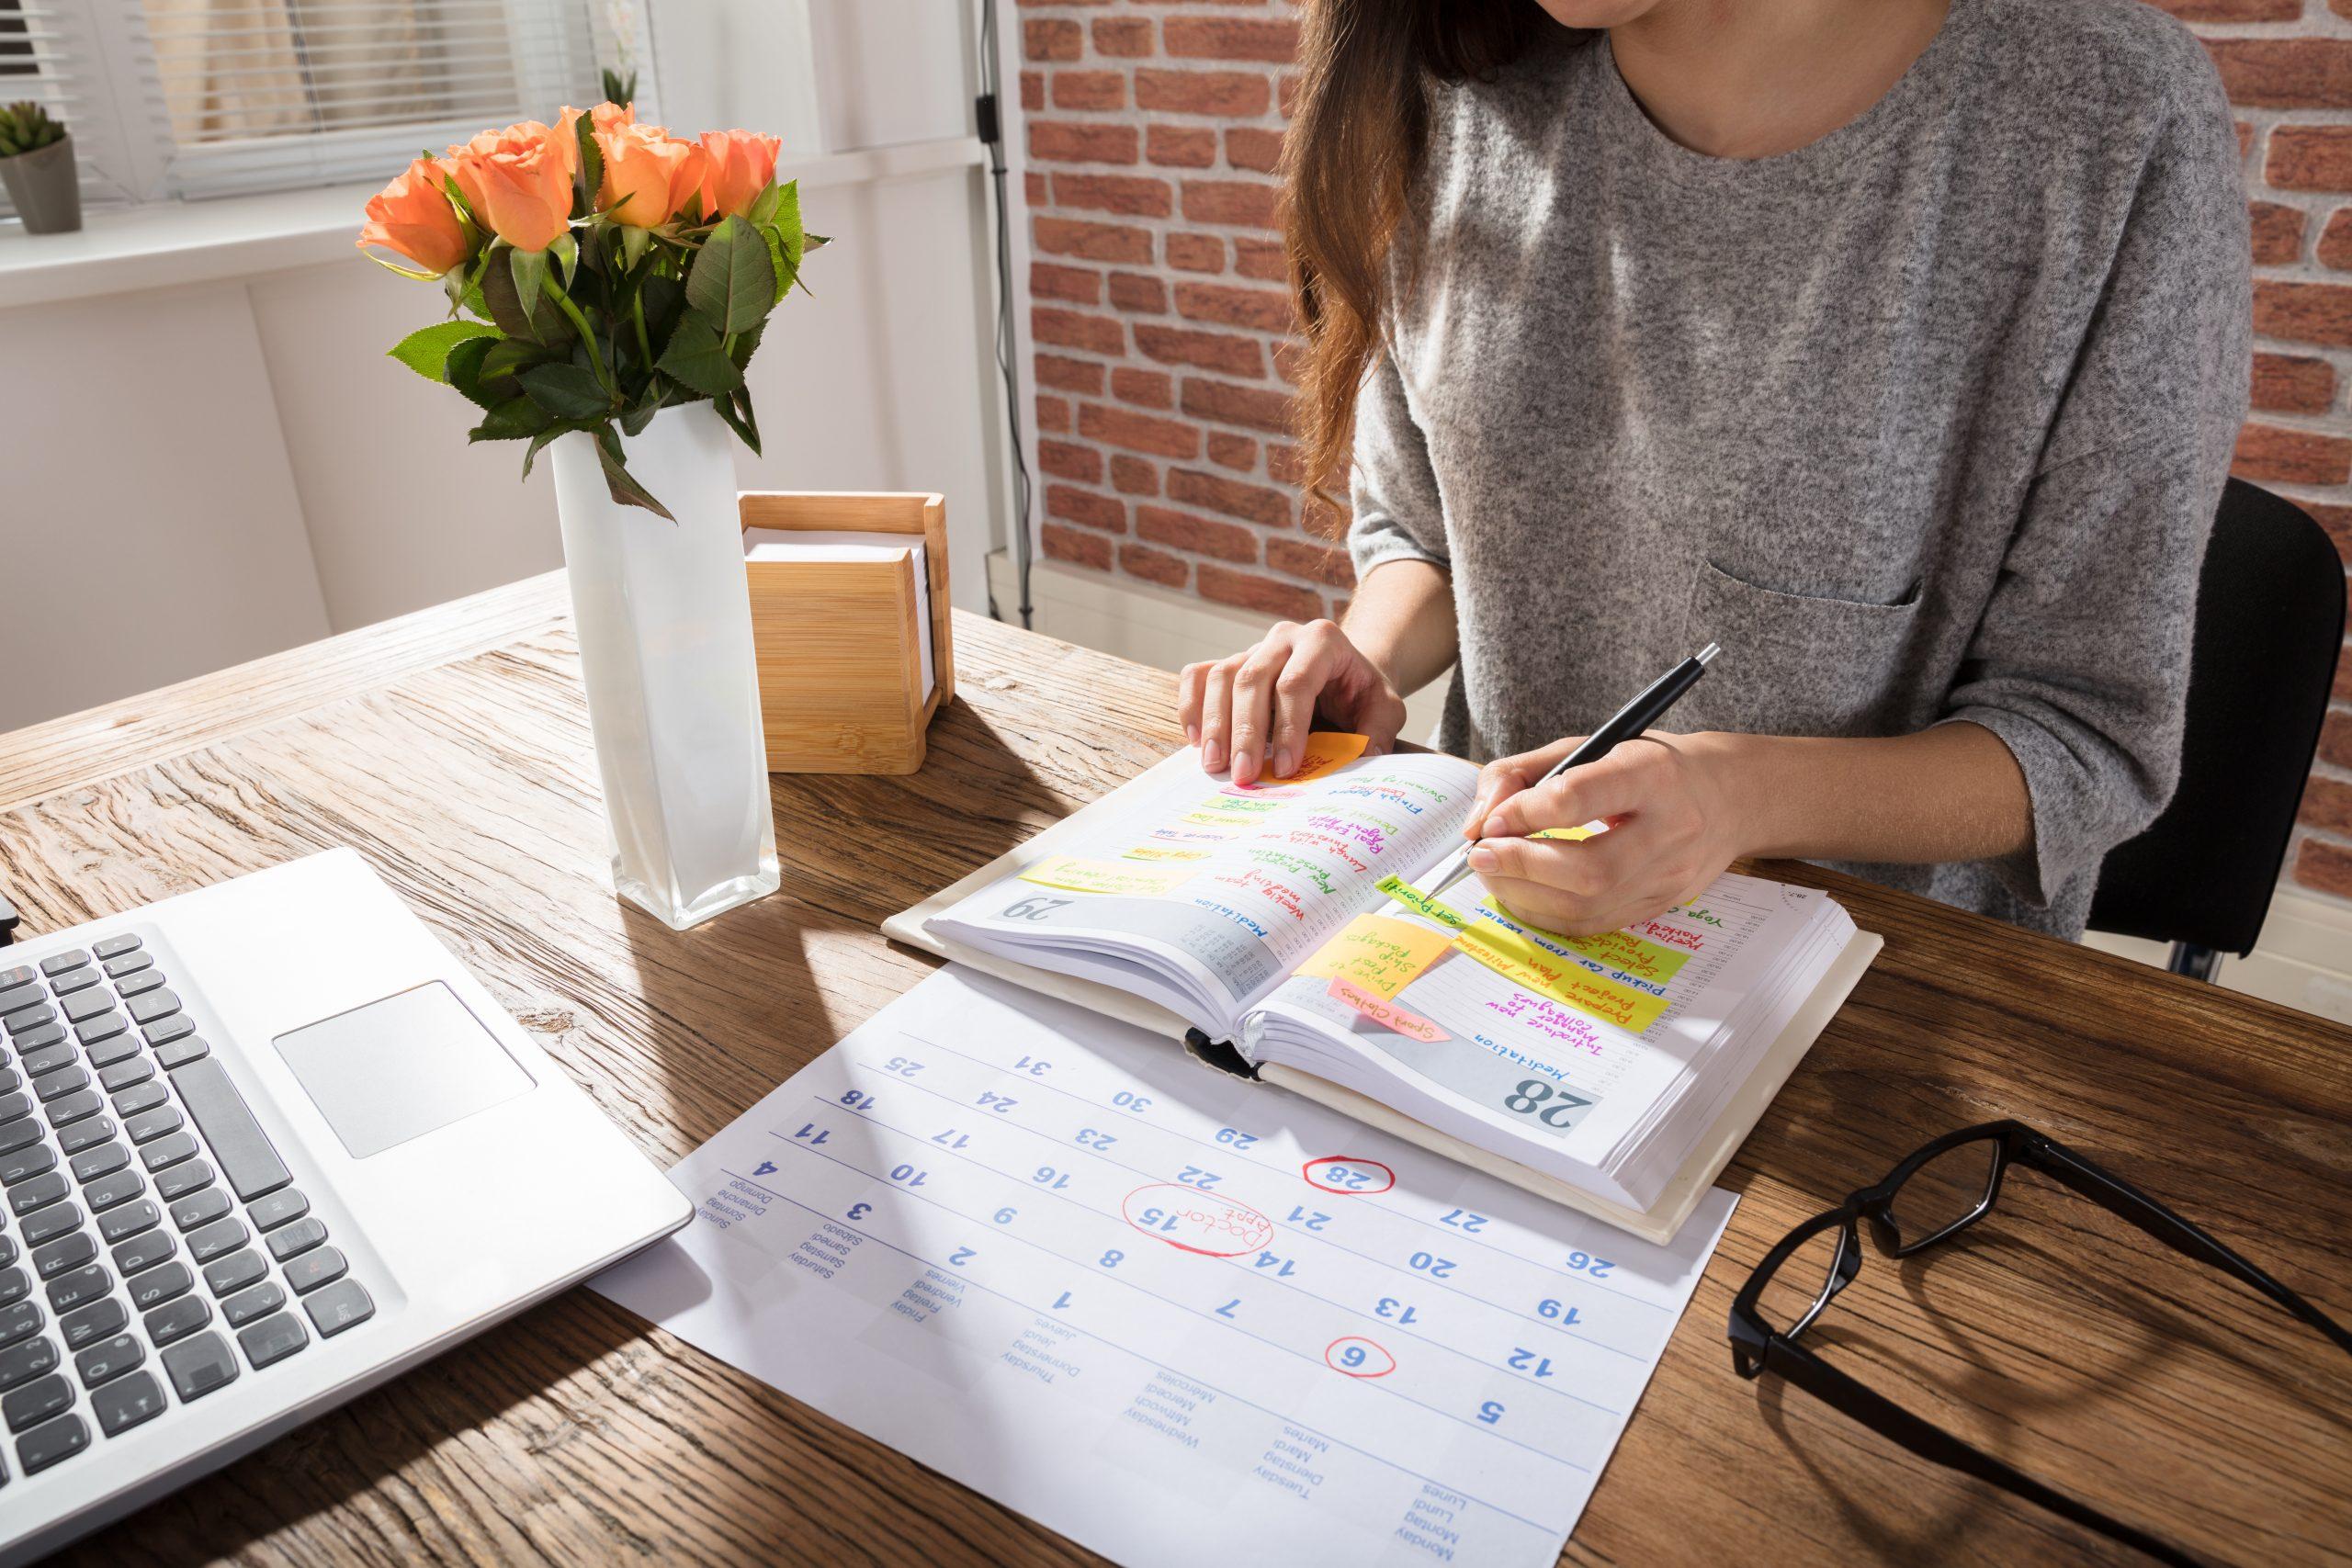 Ondernemer plant opdrachten in agenda tips voor fotografen tijdens downtime